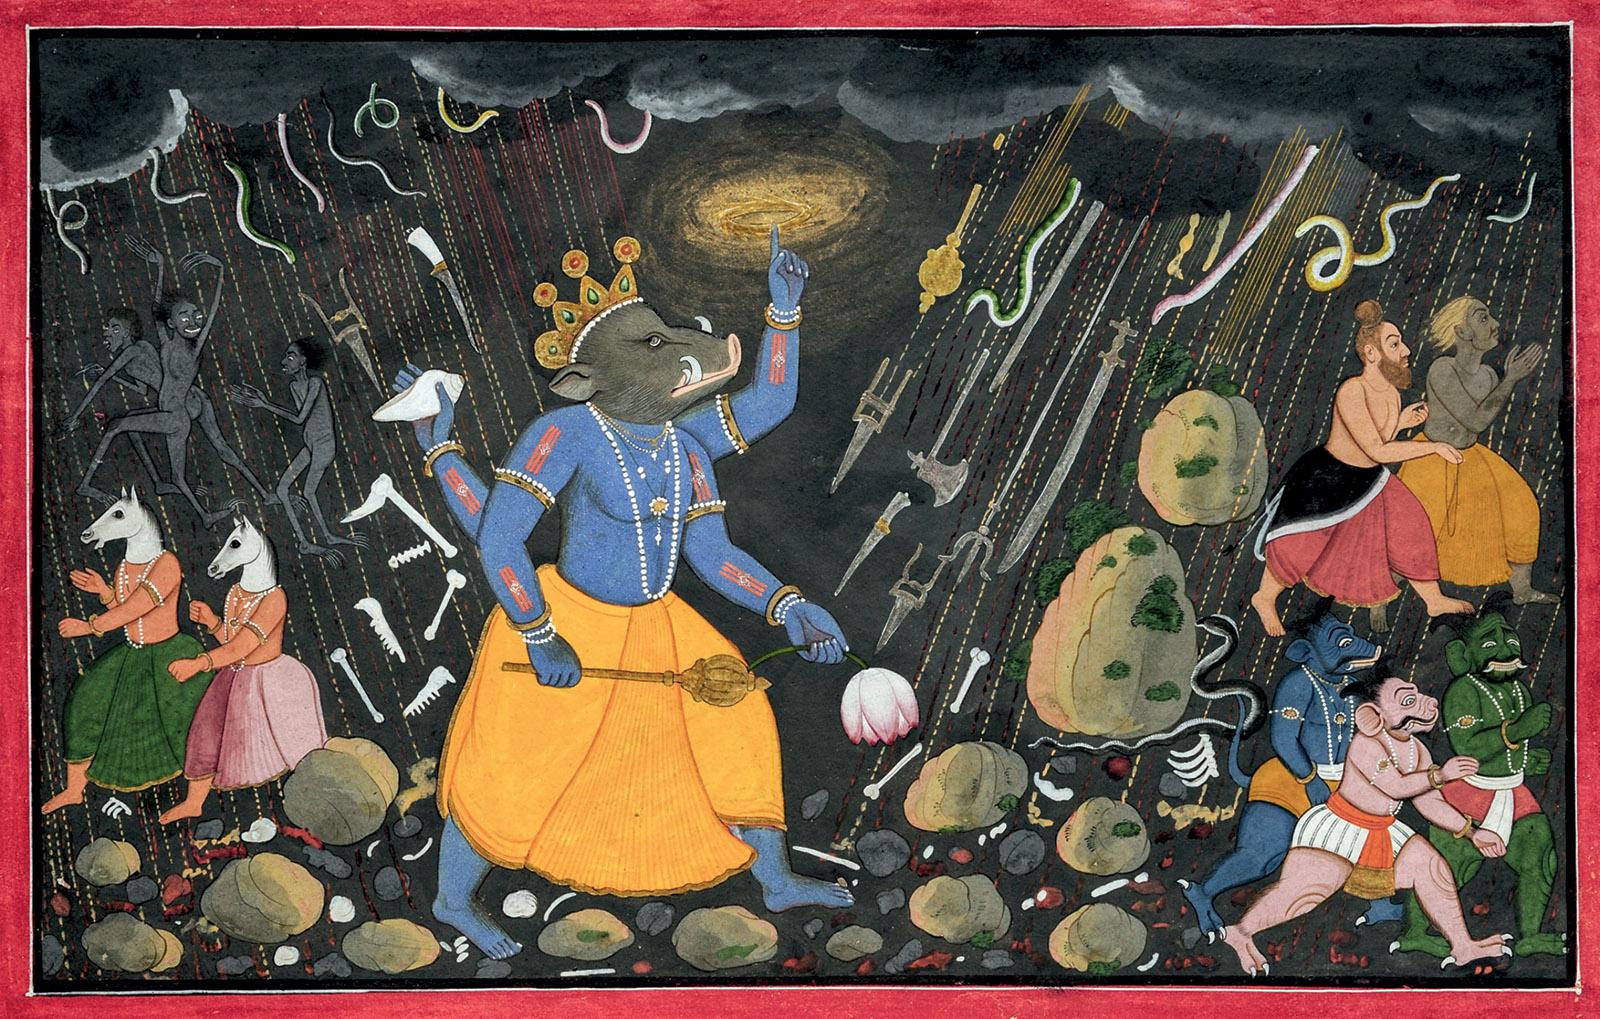 Varaha, the boar avatar of Vishnu, surrounded by illusions created by the demon Hiranyaksha